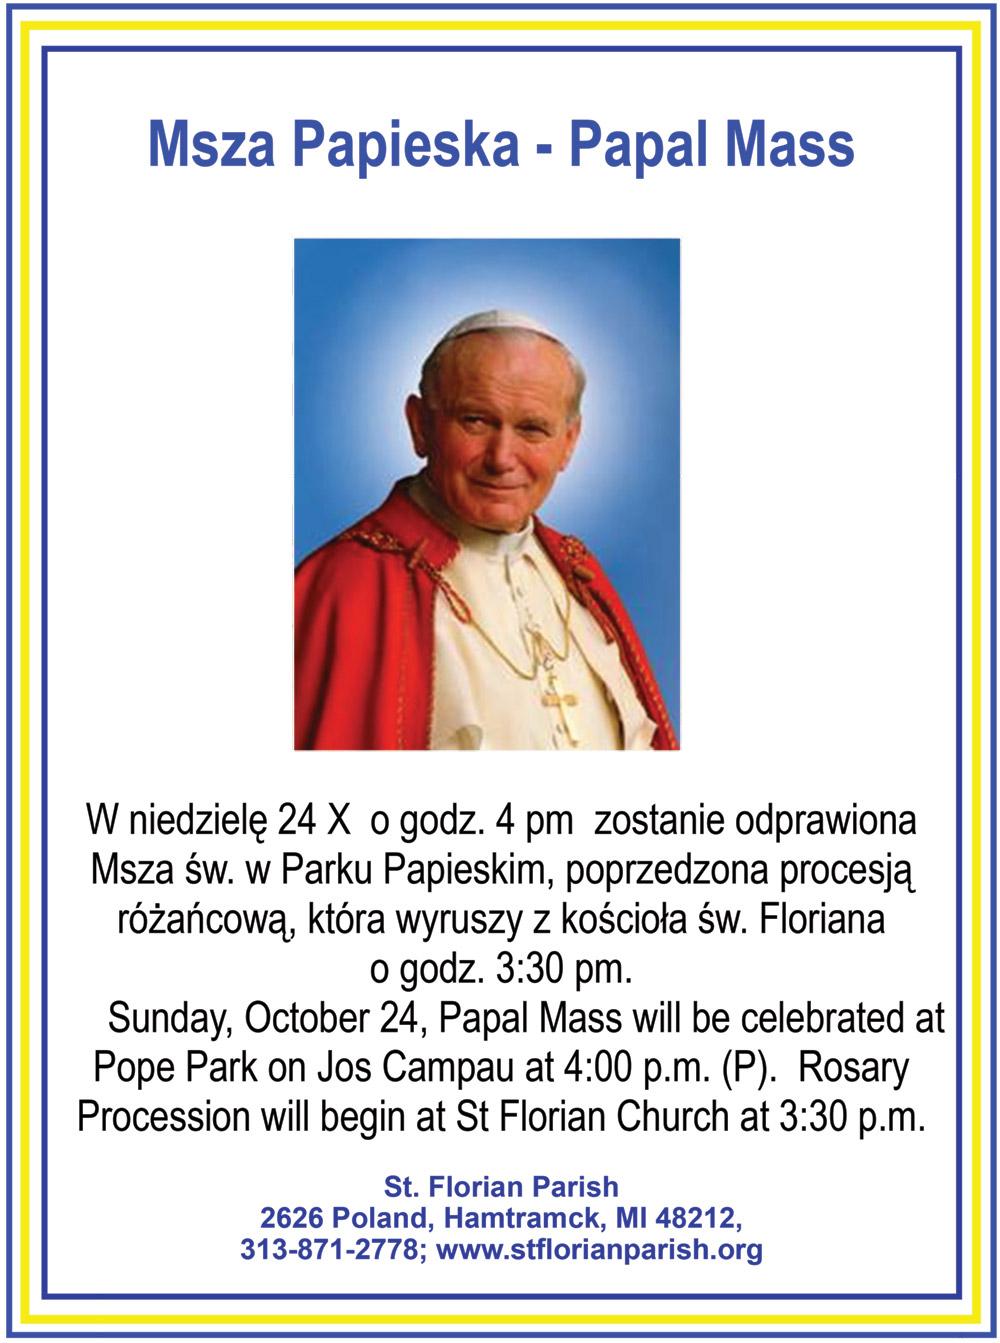 Papal Mass, Msza Papieska